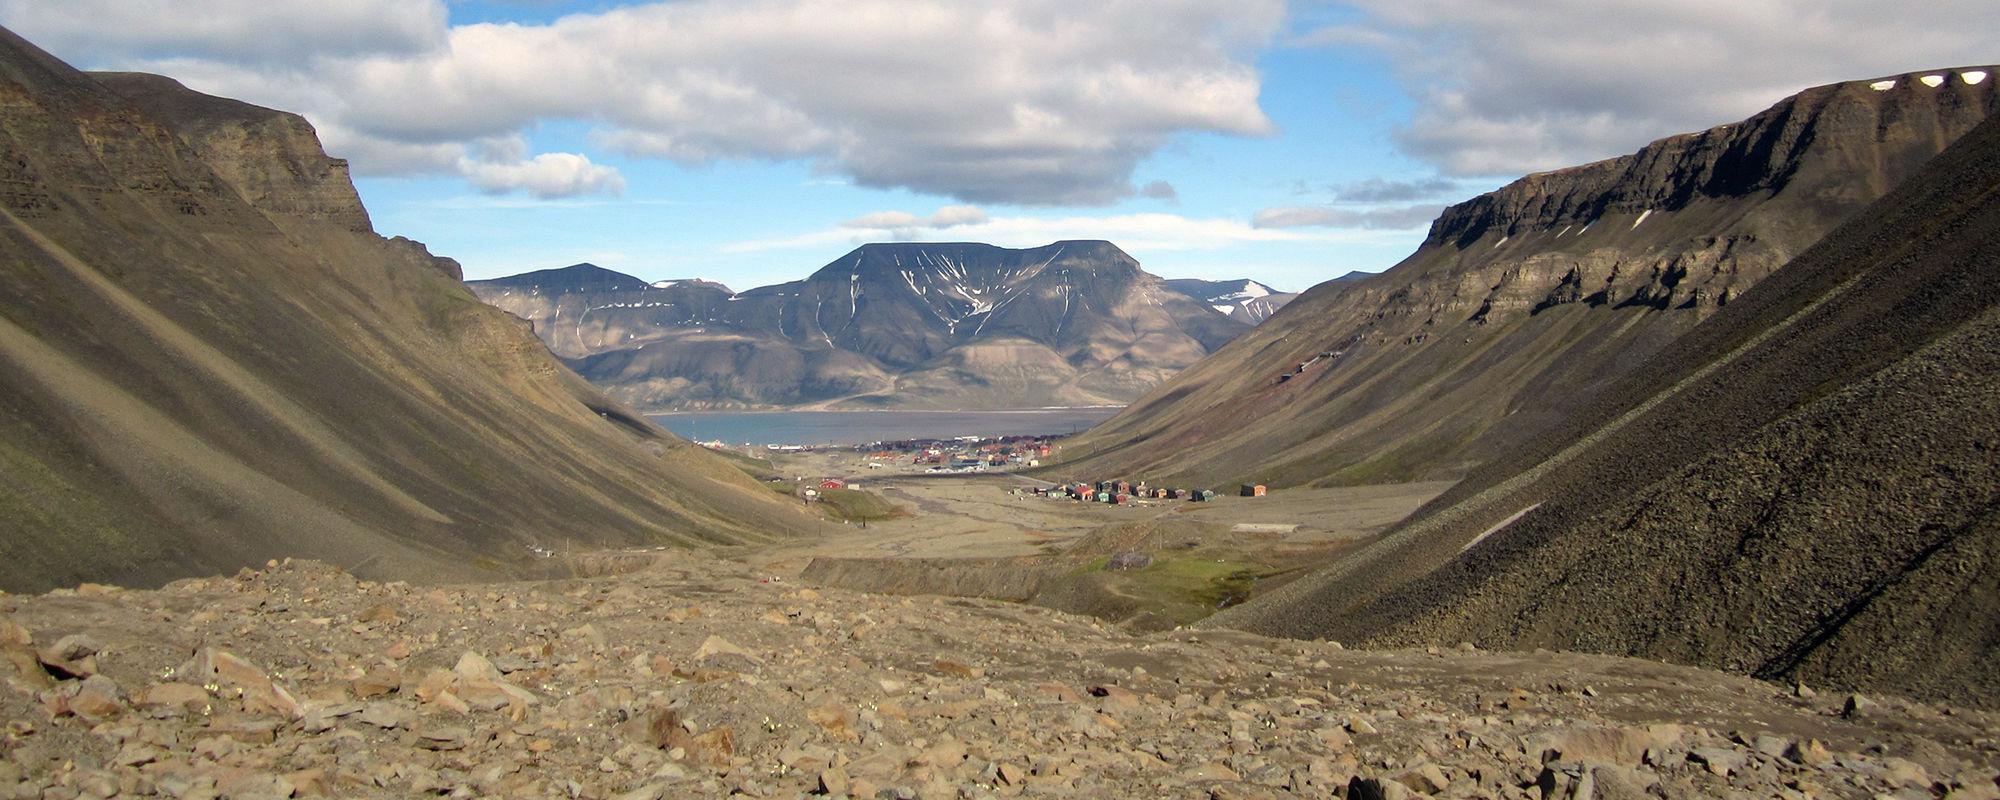 Fossiliensuche auf Spitzbergen